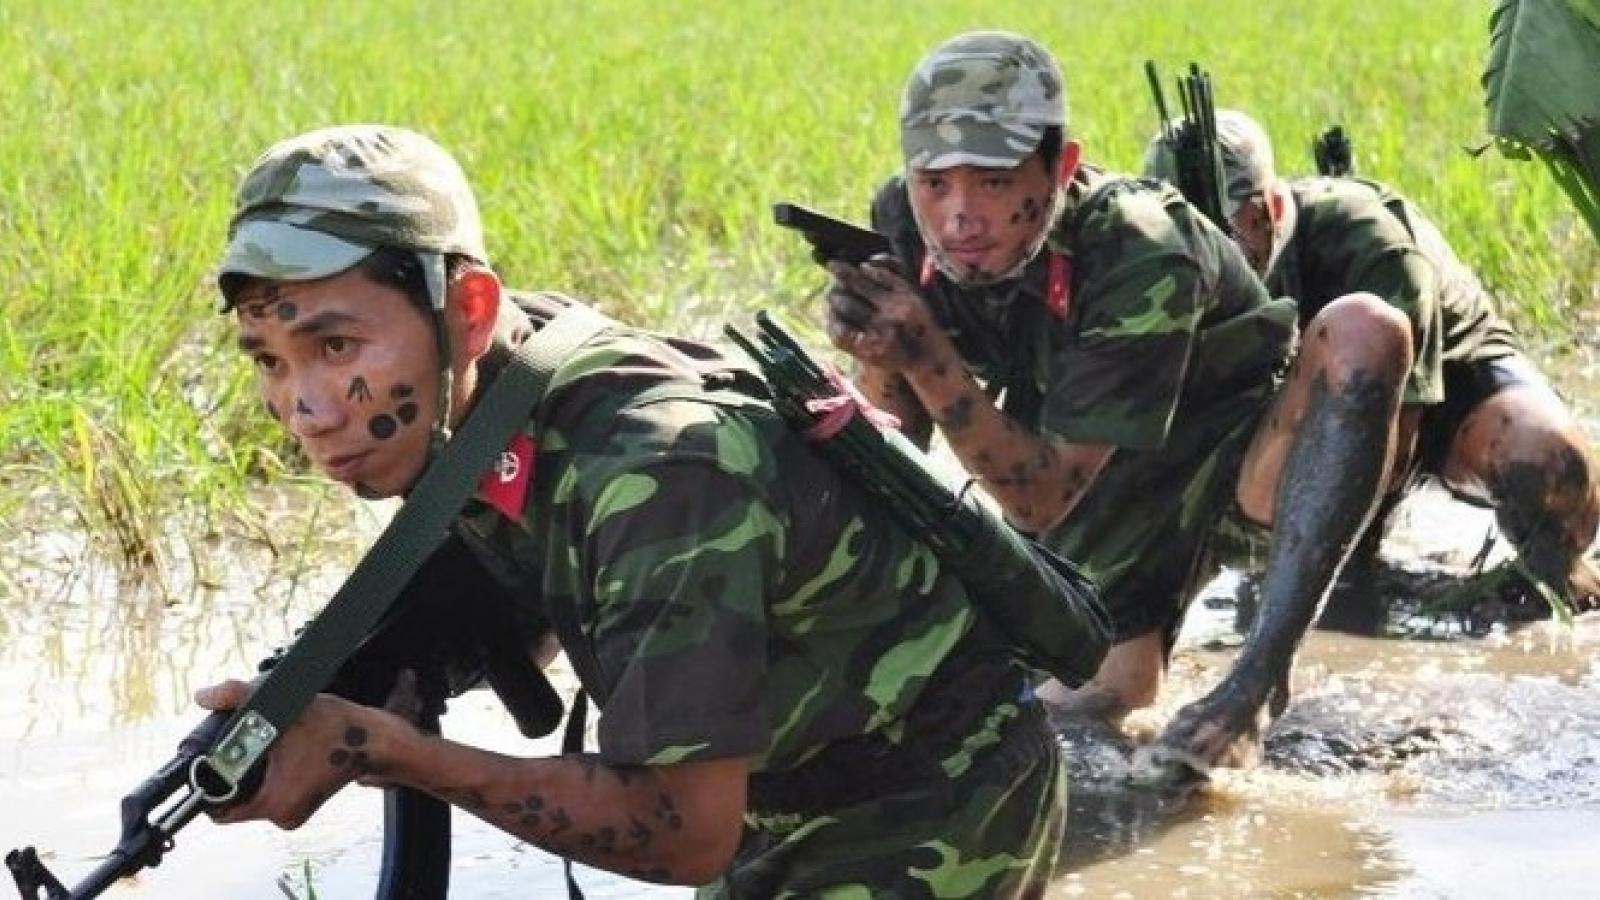 Lối đánh của bộ đội đặc công Việt Nam qua ngòi bút của cựu binh Mỹ (kỳ 2)